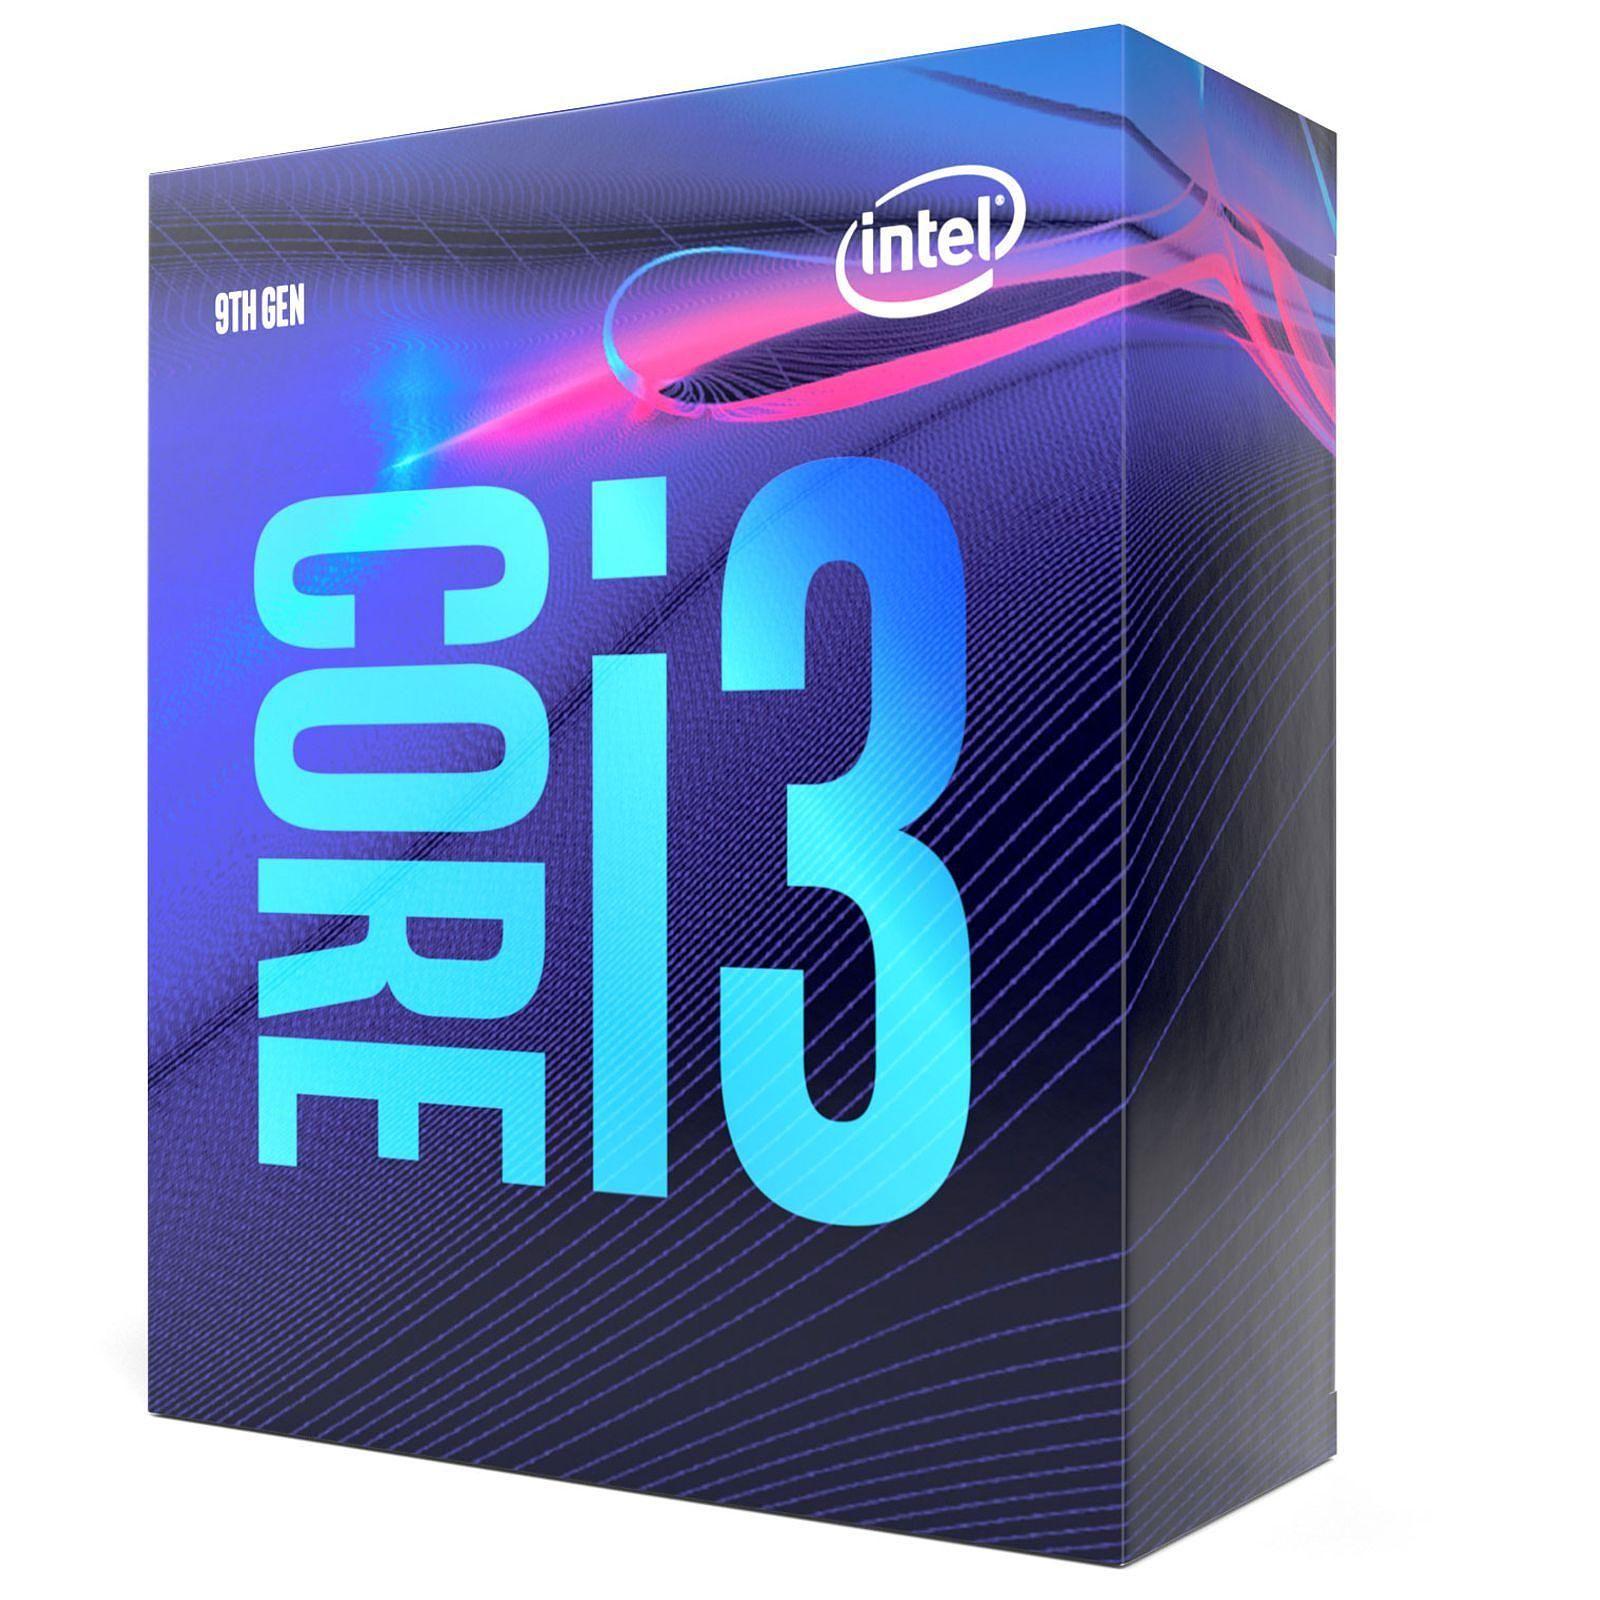 Intel Core i3-9100 - 3.6GHz - Processeur Intel - Cybertek.fr - 1